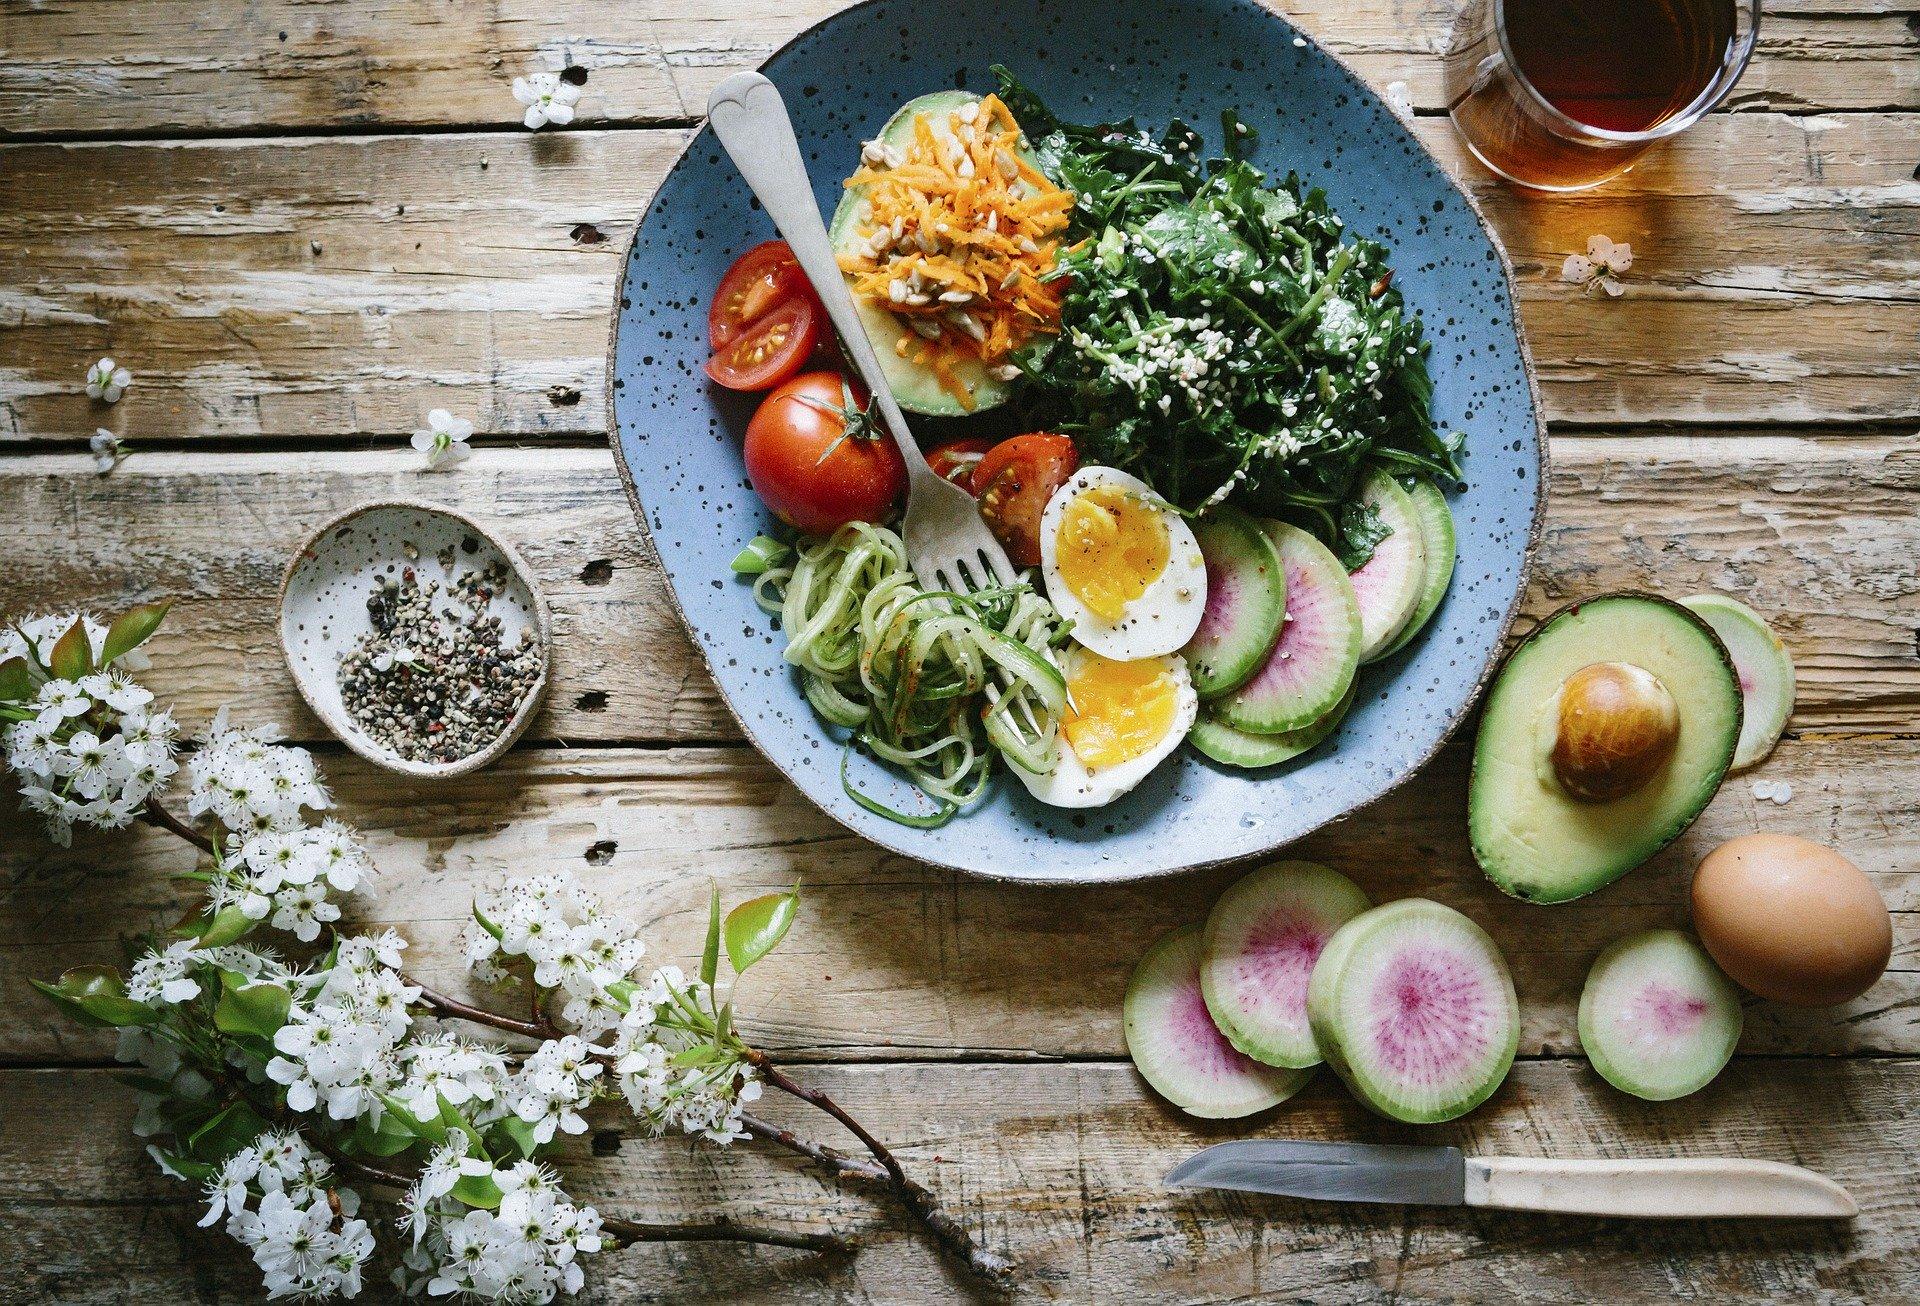 Co jeść, żeby schudnąć? Jakich produktów unikać w diecie? | Catering Dietetyczny GetFit Pruszków